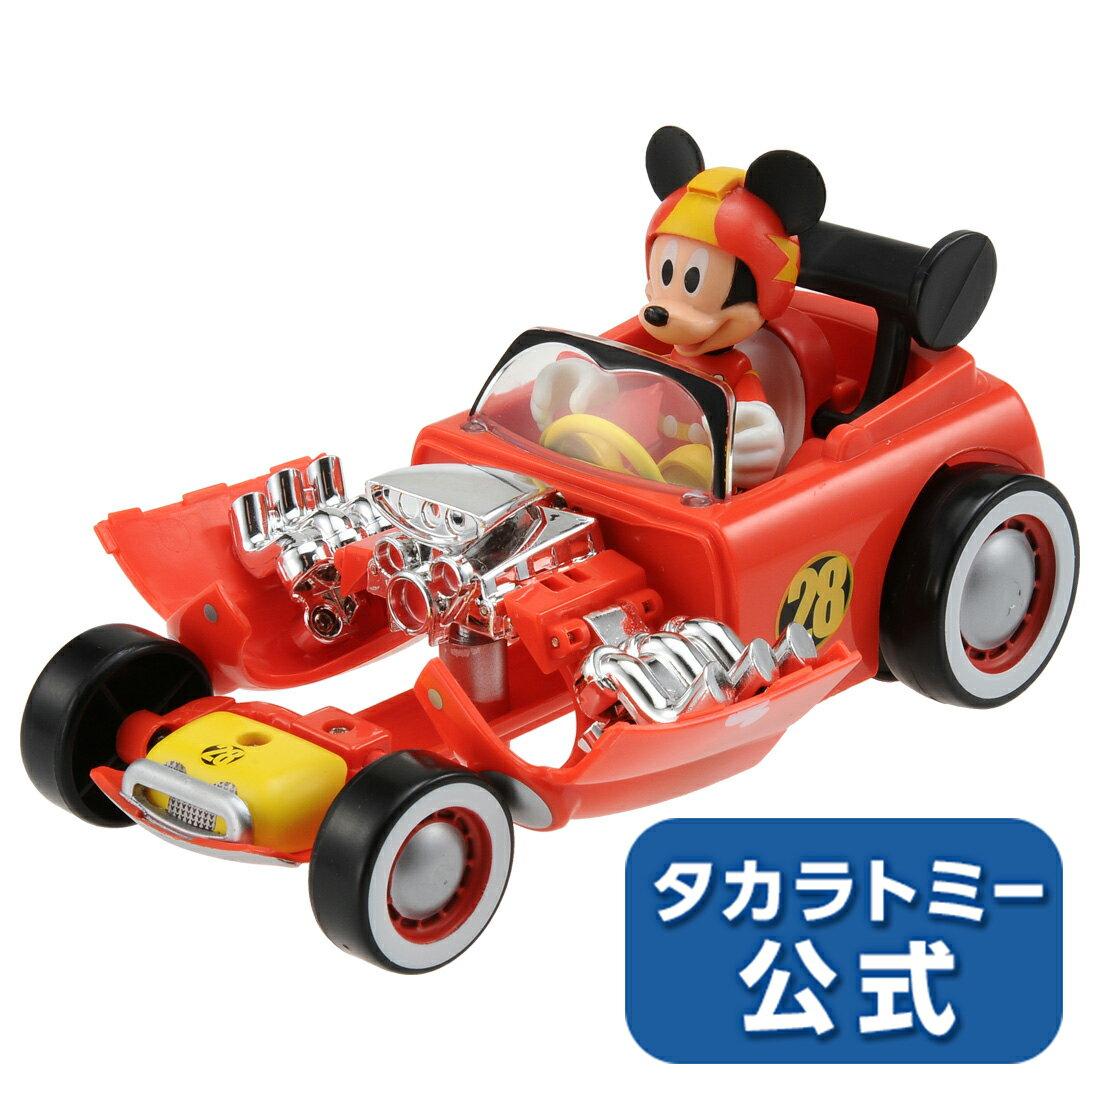 ミッキーマウスとロードレーサーズかんたん変形!ホット・ロッドミッキーマウス【Disney_d】